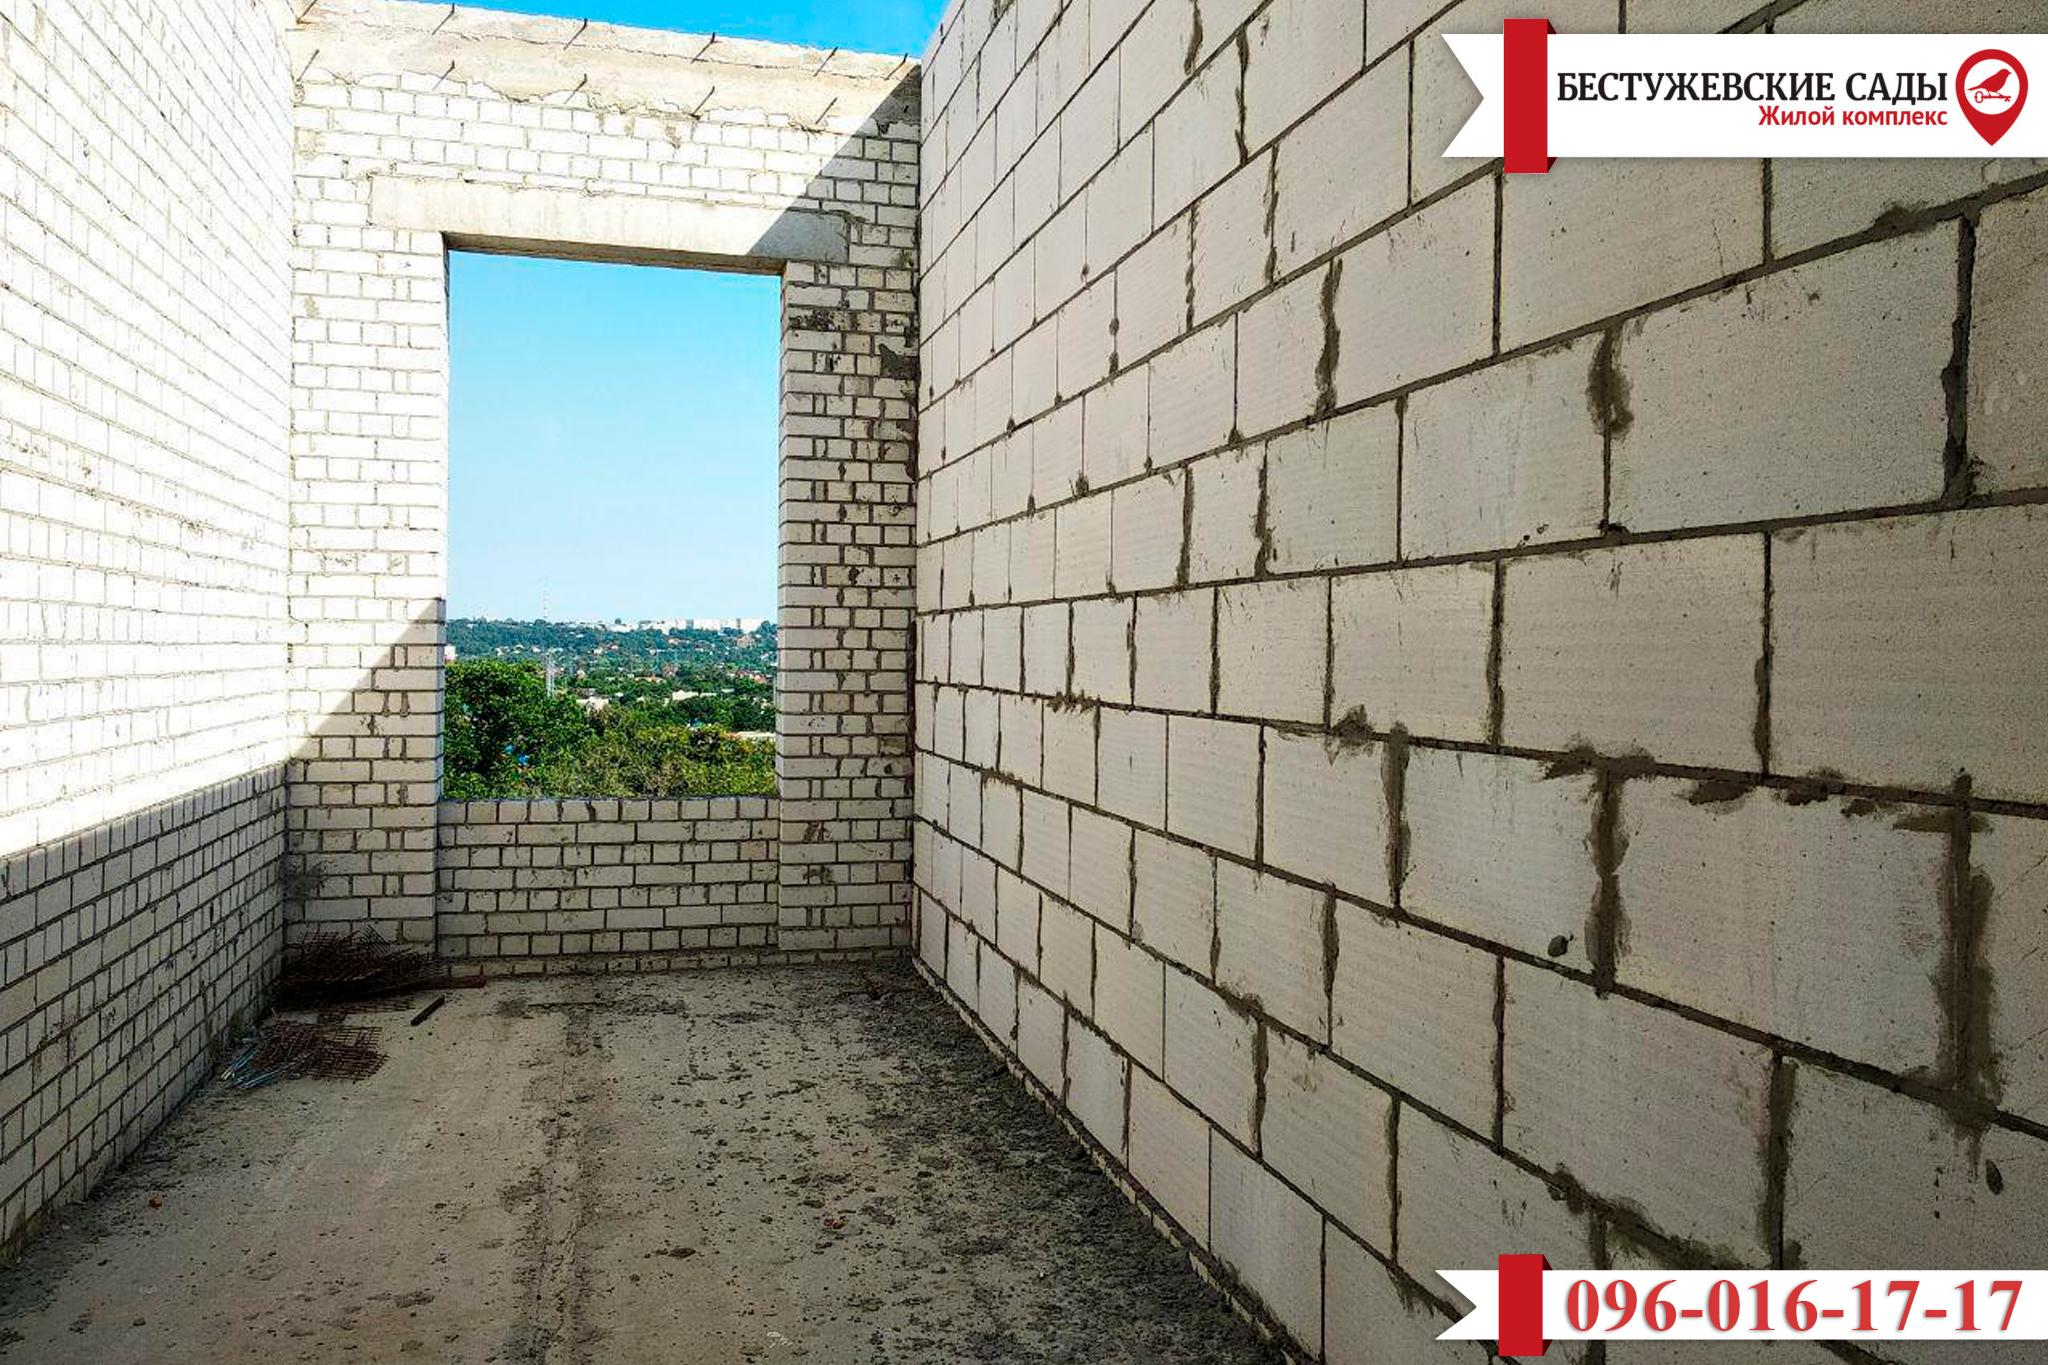 З'явилася нова інформація з приводу будівництва будинку «Бестужівські Сади»